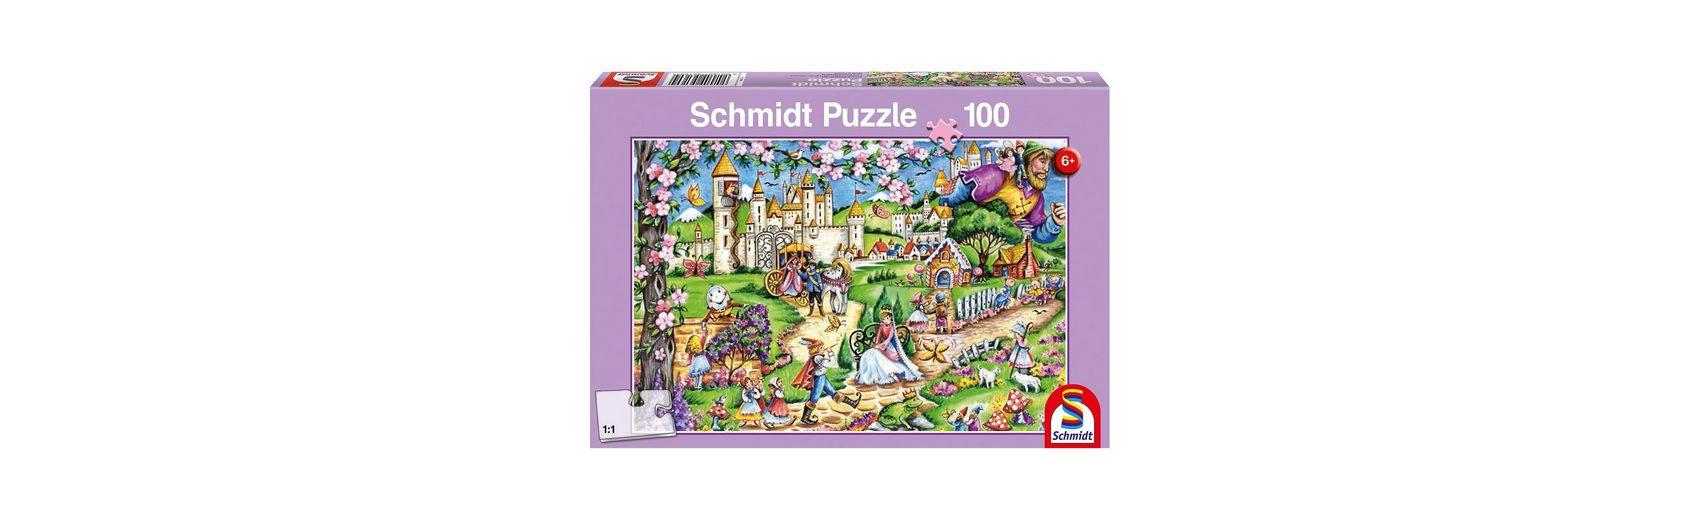 Schmidt Spiele Puzzle Märchenwelt, 100 Teile